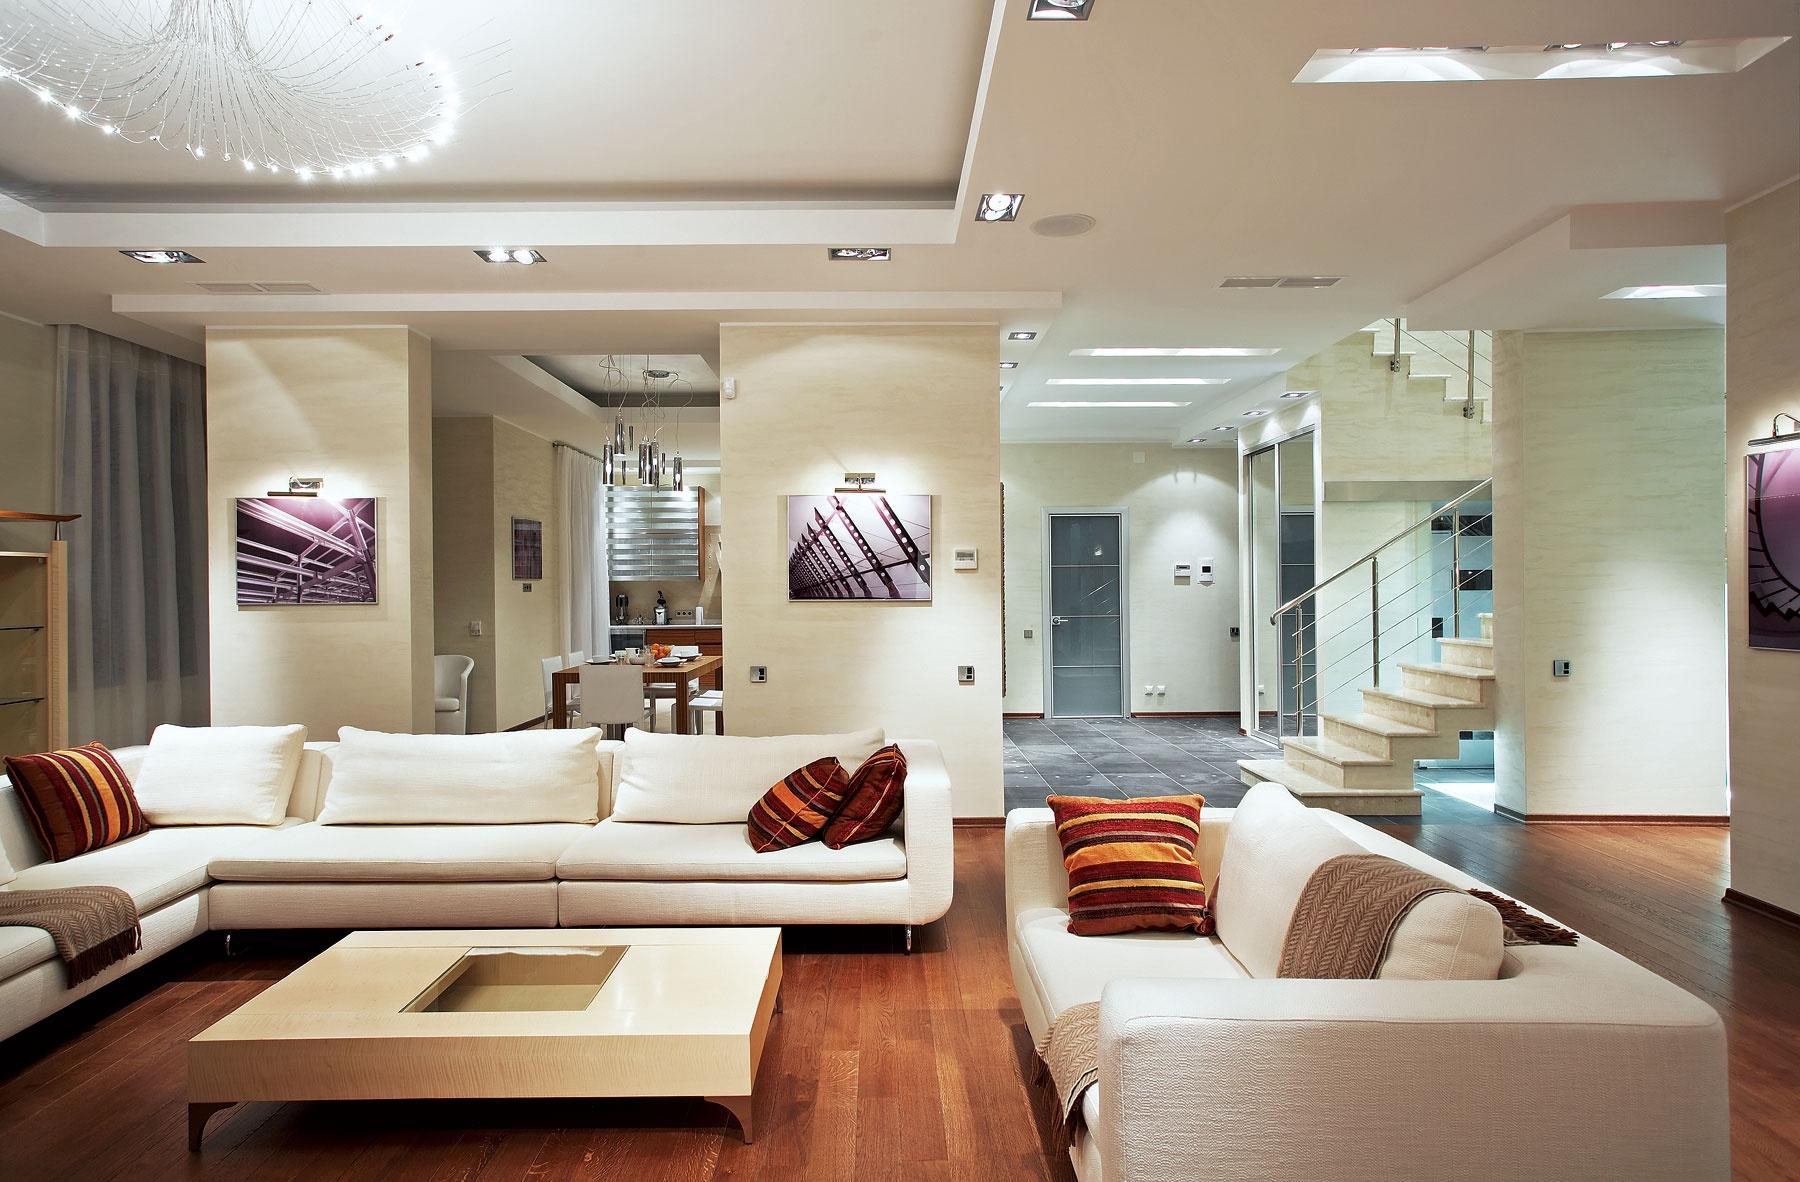 дизайн гостиной в светлых тонах современный стиль реальные фото 1